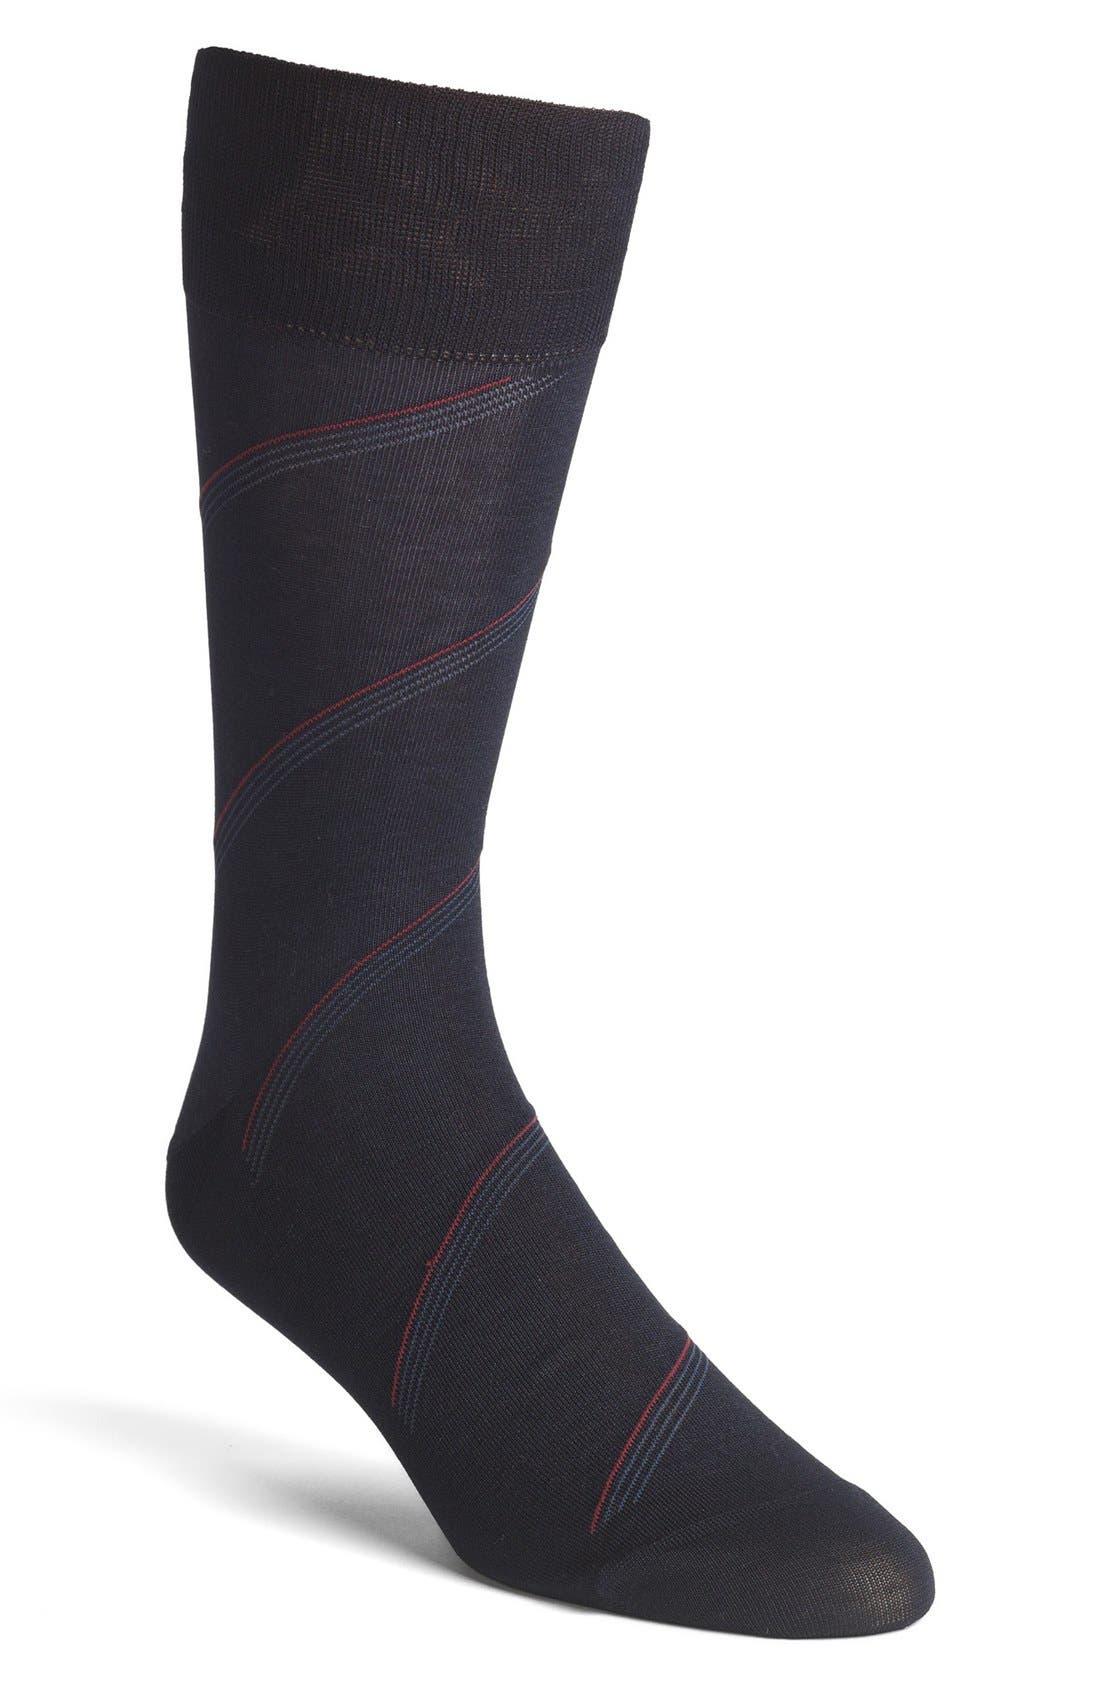 Alternate Image 1 Selected - John W. Nordstrom® Stripe Socks (Men) (3 for $40)